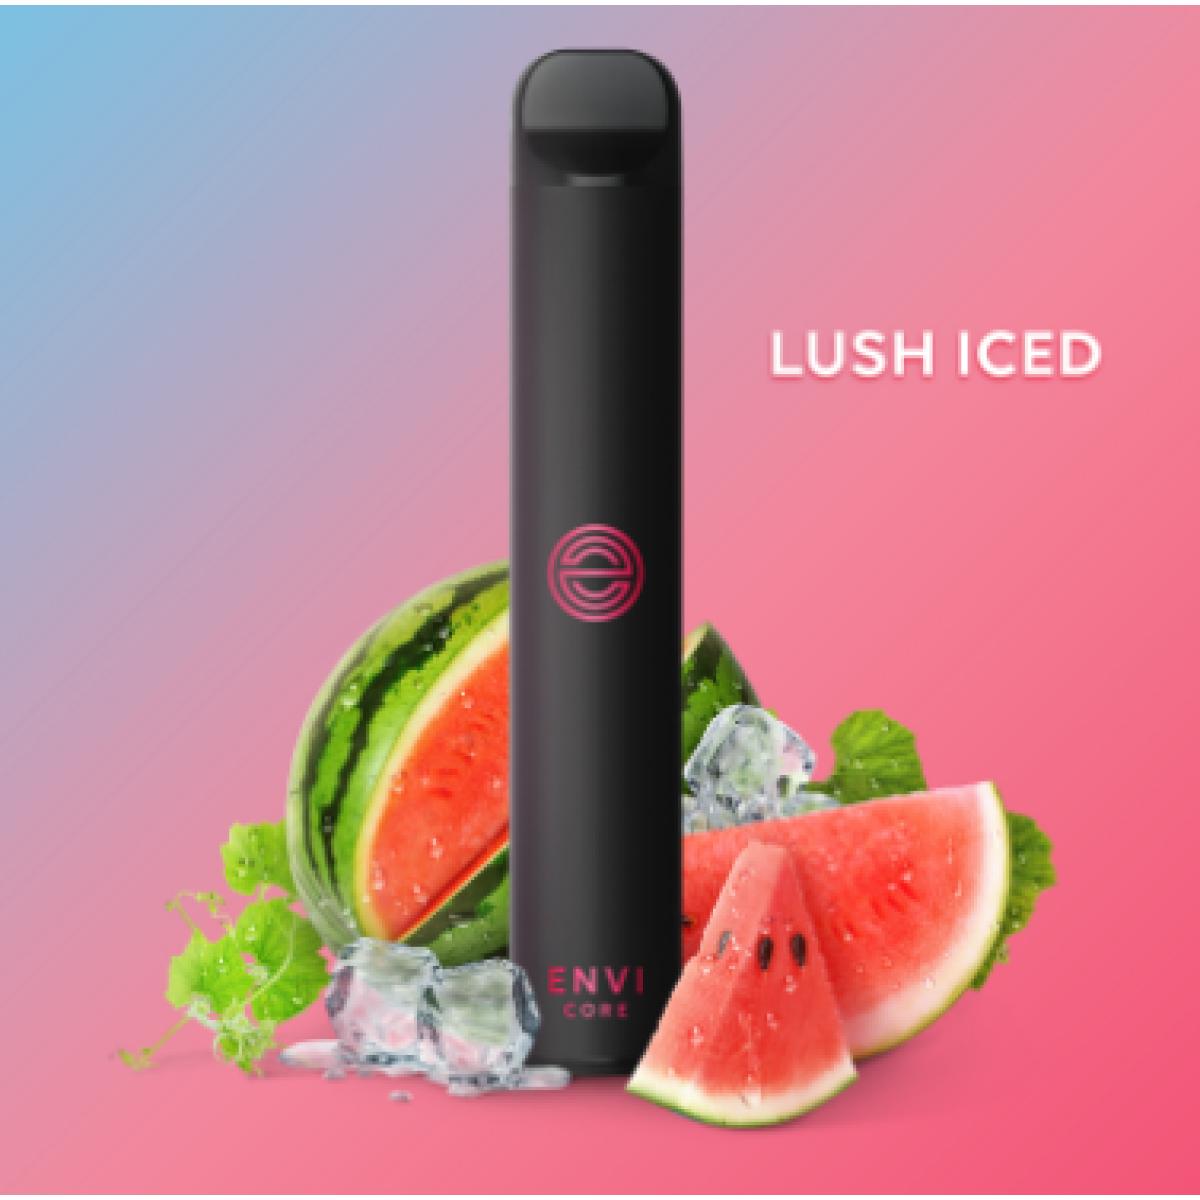 Lush Ice Envi